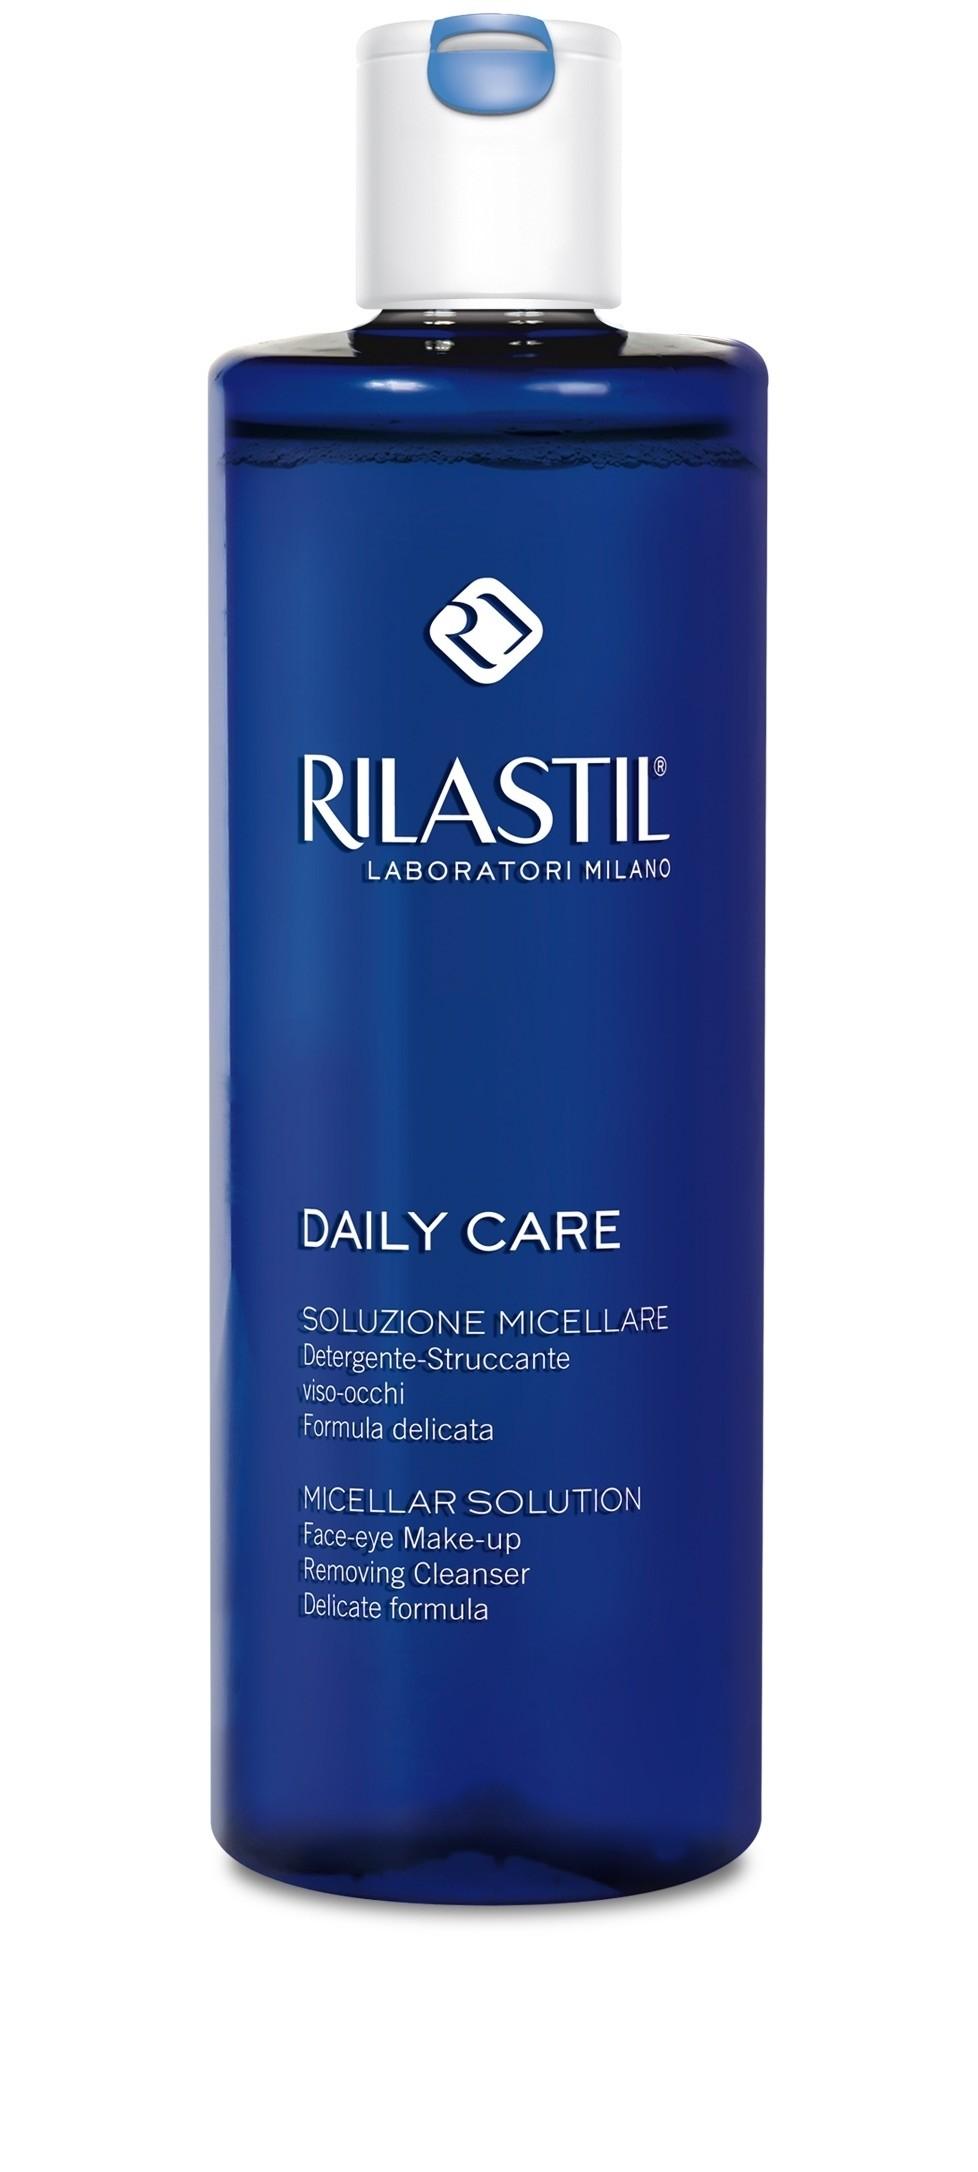 Rilastil Daily Care Soluzione Micellare 400ml